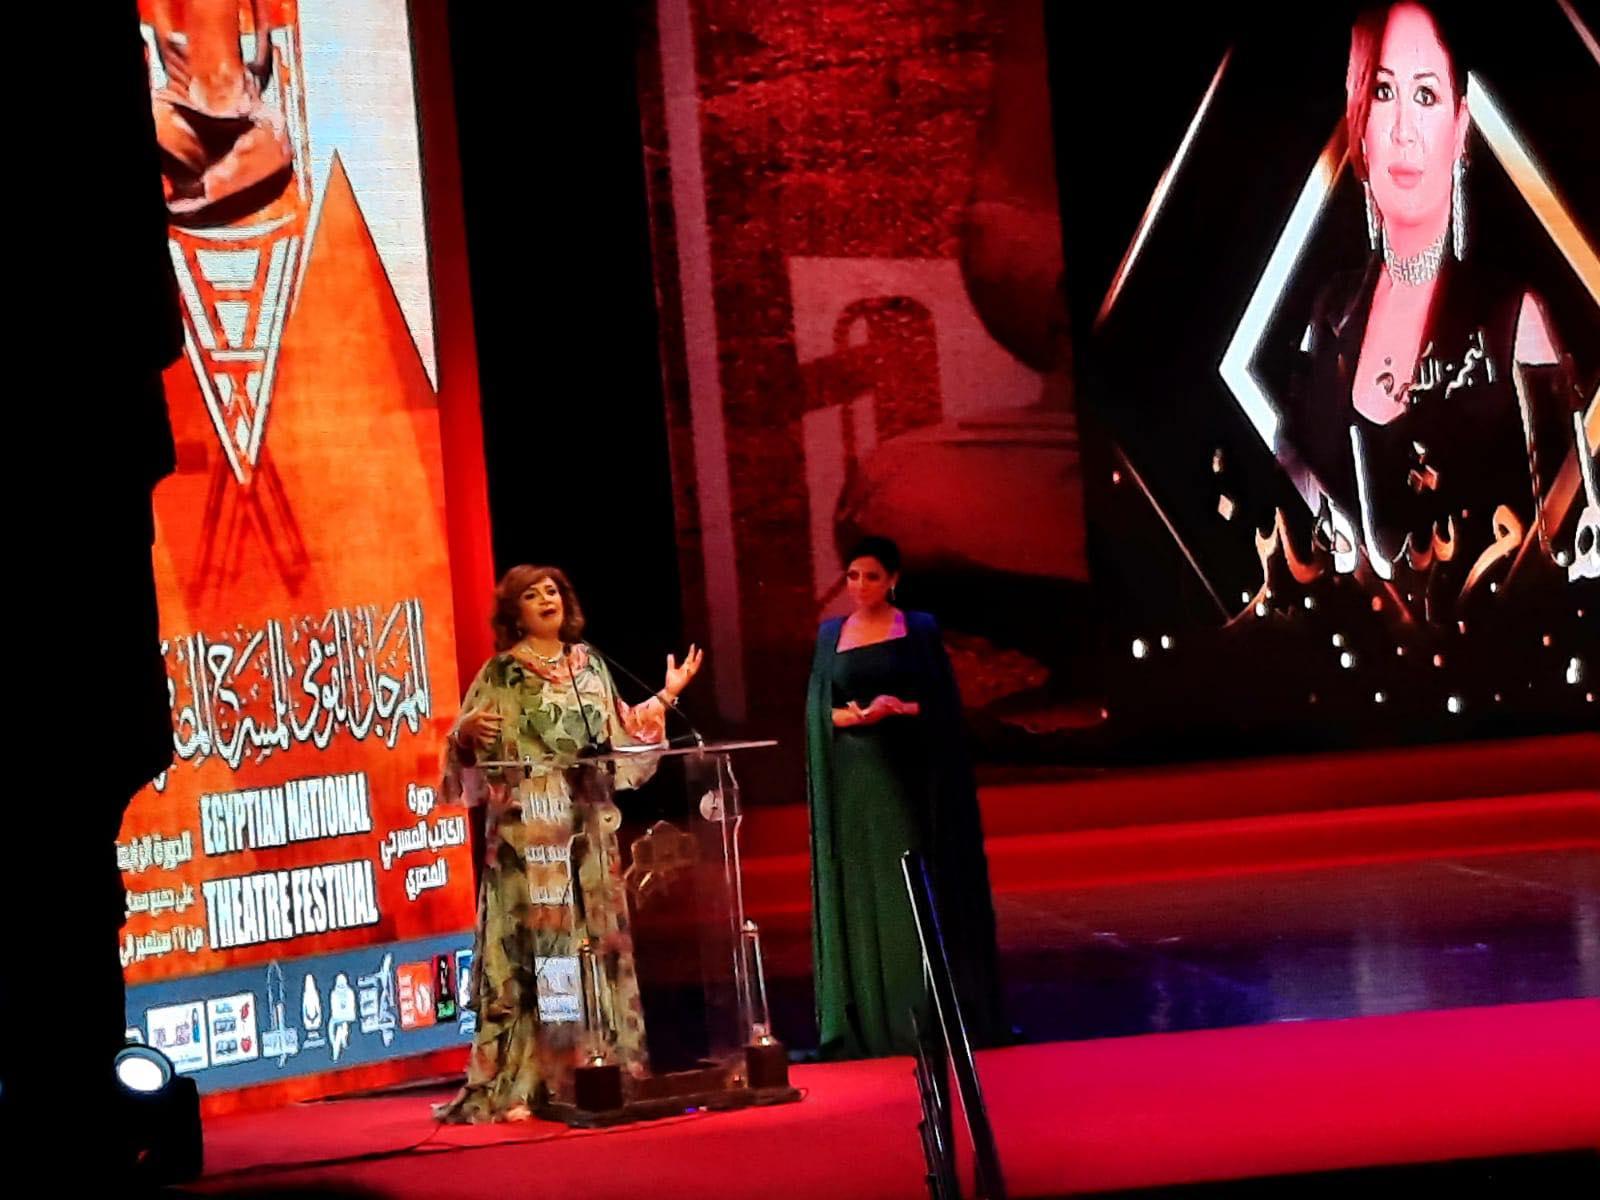 إلهام شاهين خلال تكريمها بـ القومي للمسرح  ثقافتنا وفنوننا من أقوى ما نمتلكه في مصر   صور